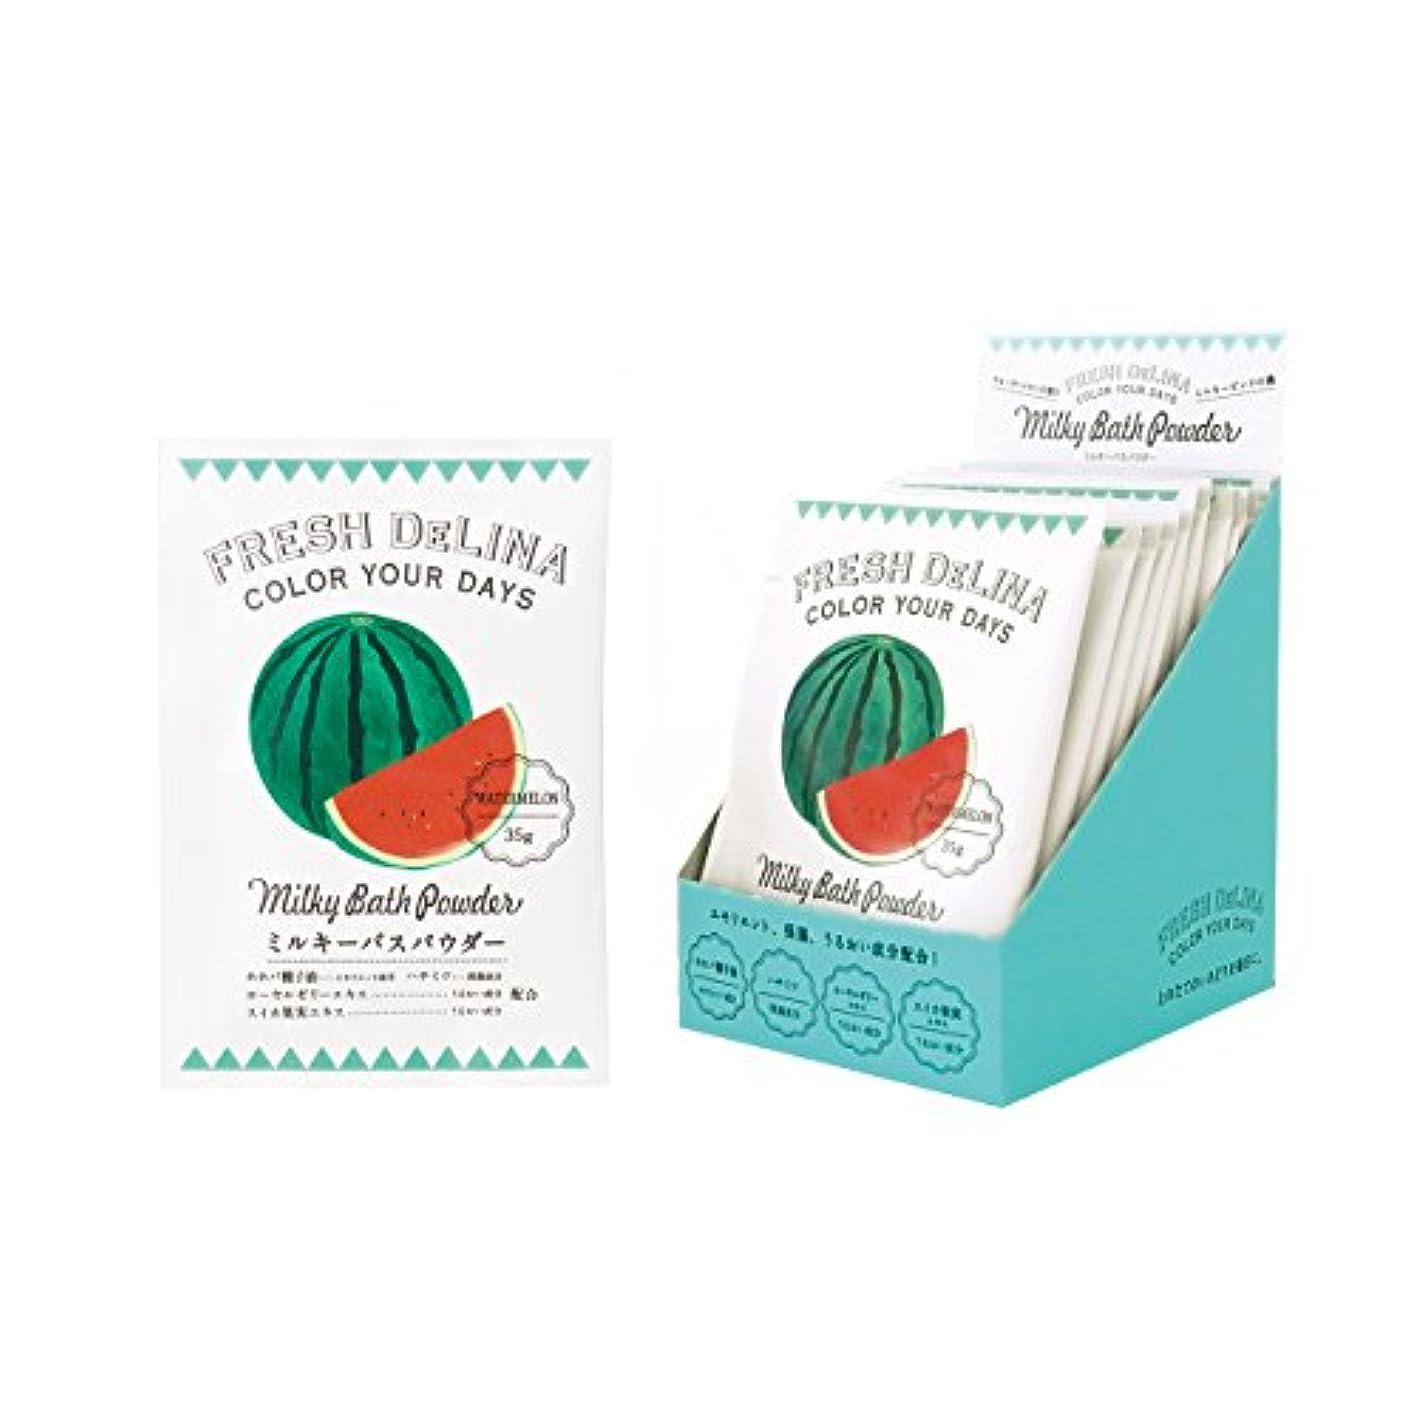 パドルのスコアまたねフレッシュデリーナ ミルキーバスパウダー 35g (ウォーターメロン) 12個 (白濁タイプ入浴料 日本製 さわやかなすいかの香り)